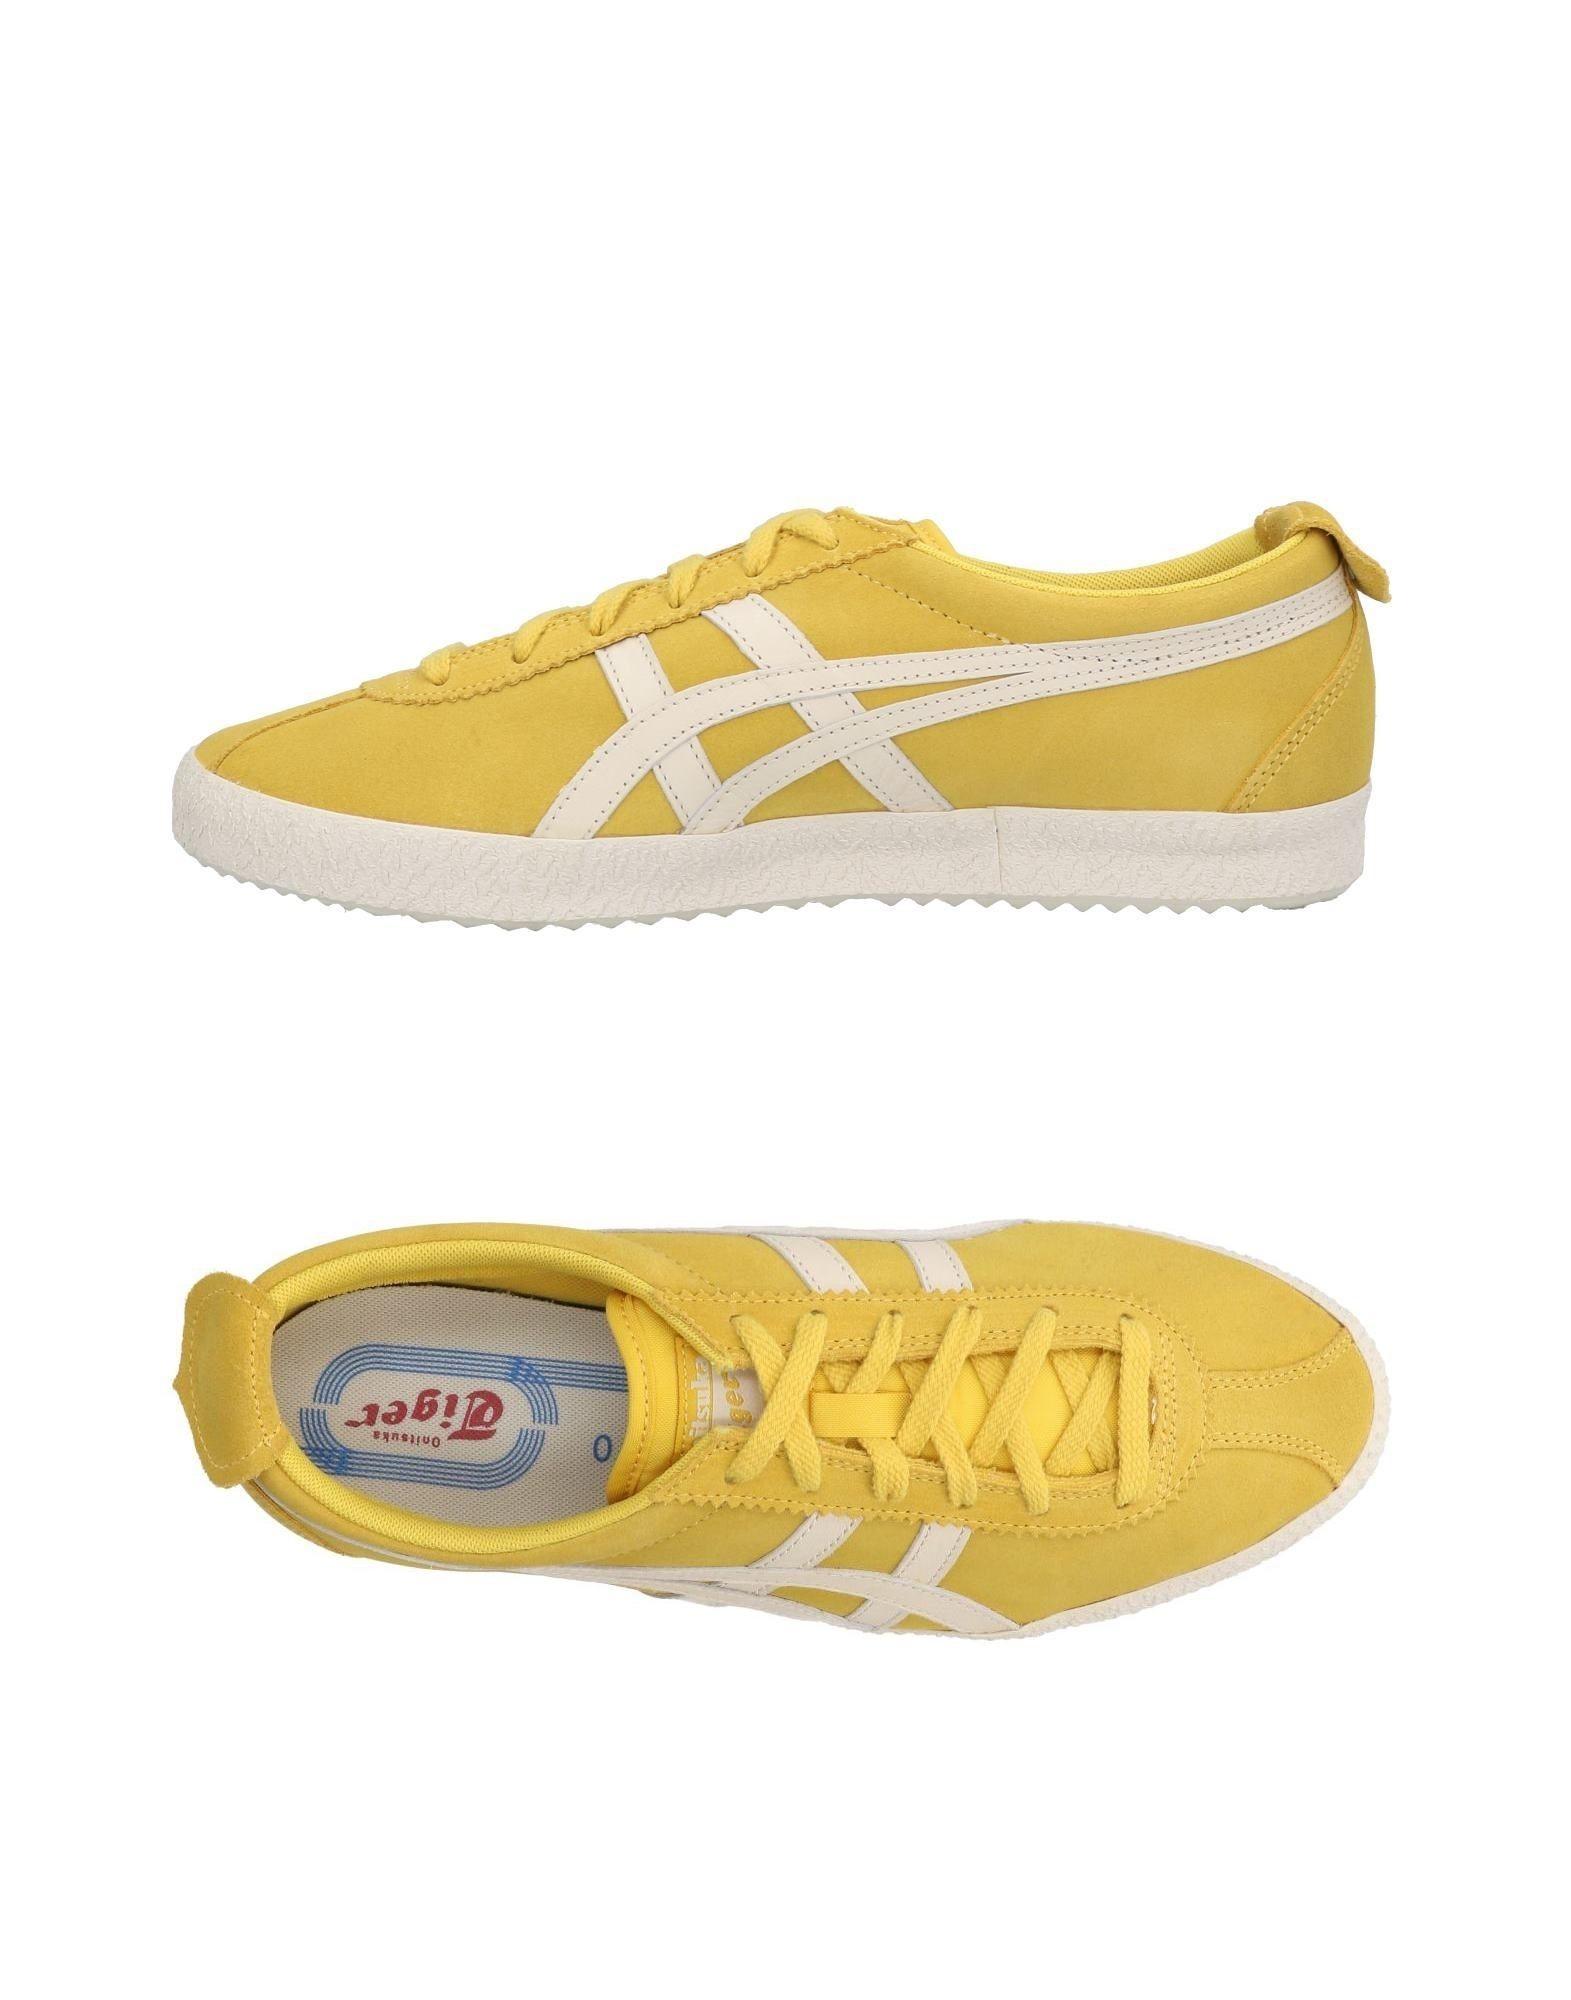 Rabatt echte Schuhe Onitsuka Tiger Sneakers Herren  11256176UF